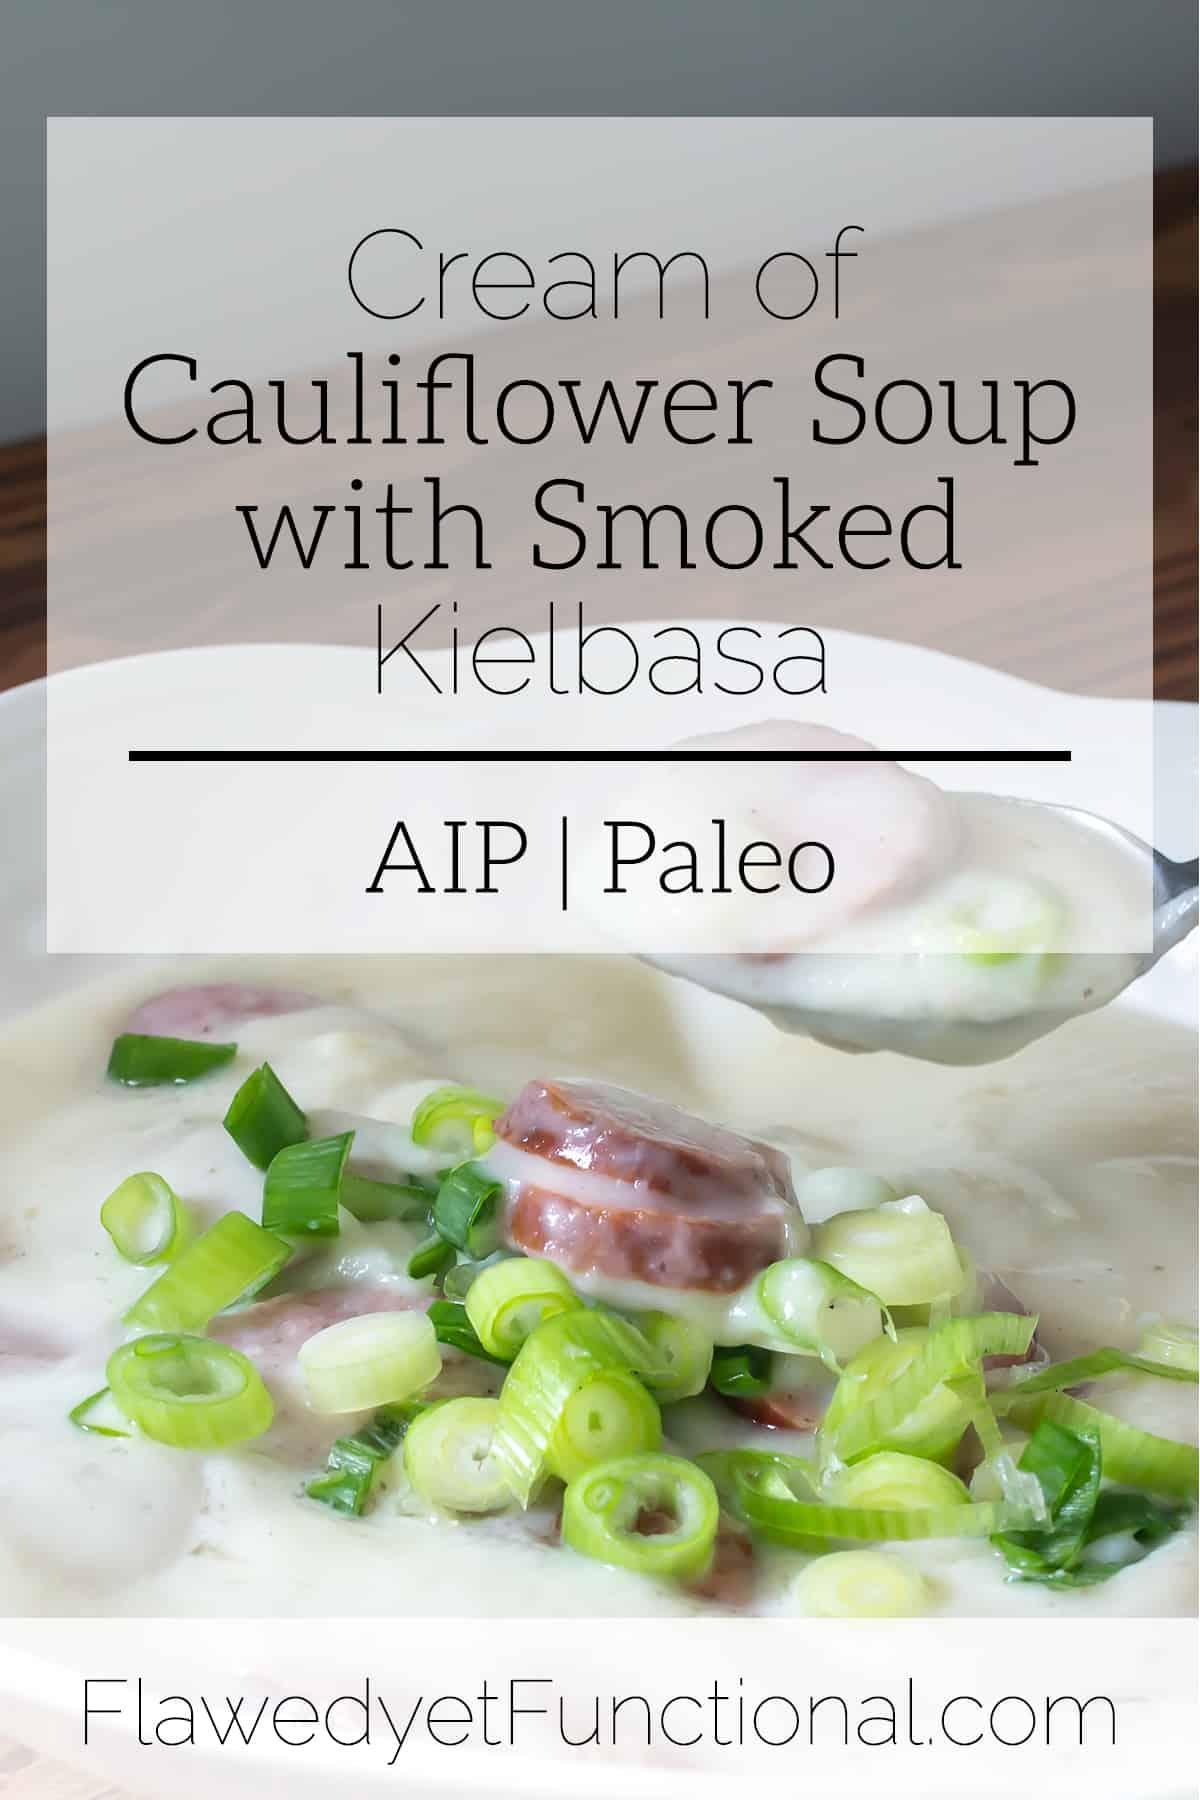 Cream of Cauliflower Soup with Smoked Kielbasa | AIP and Paleo Recipe